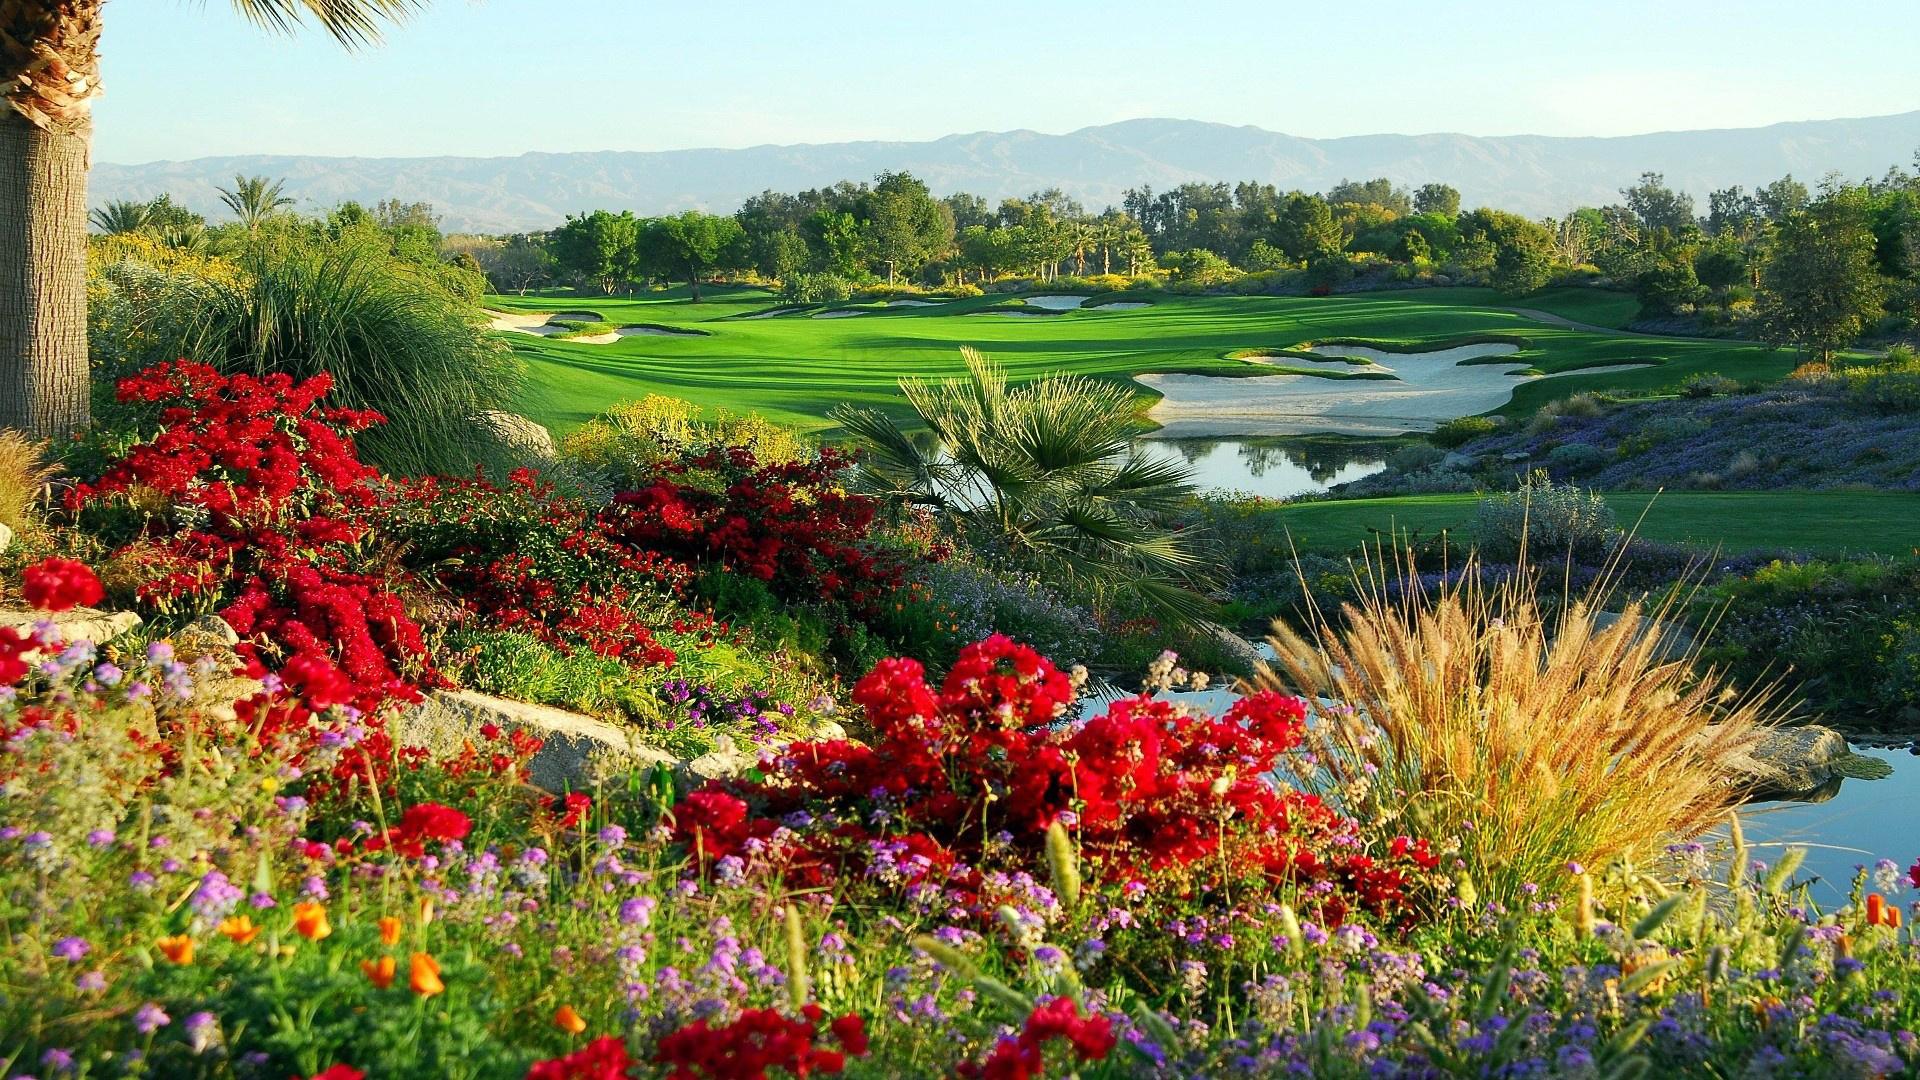 Golf Course HD Wallpaper